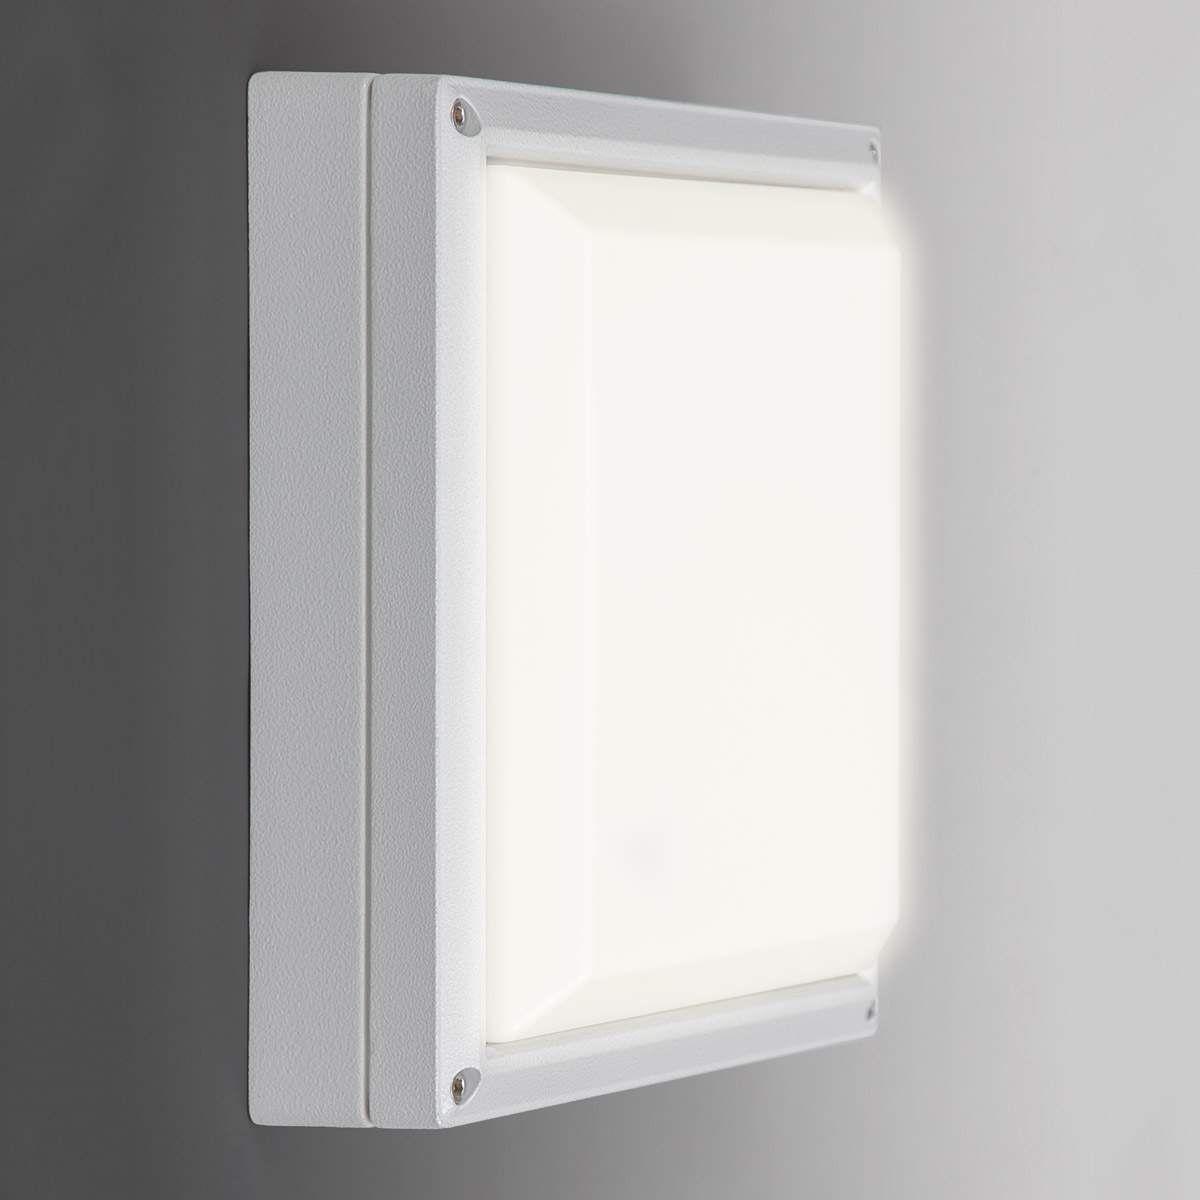 Applique Sun 11 Led 13 W Blanc 4 K Wandleuchte Led Led Deckenlampen